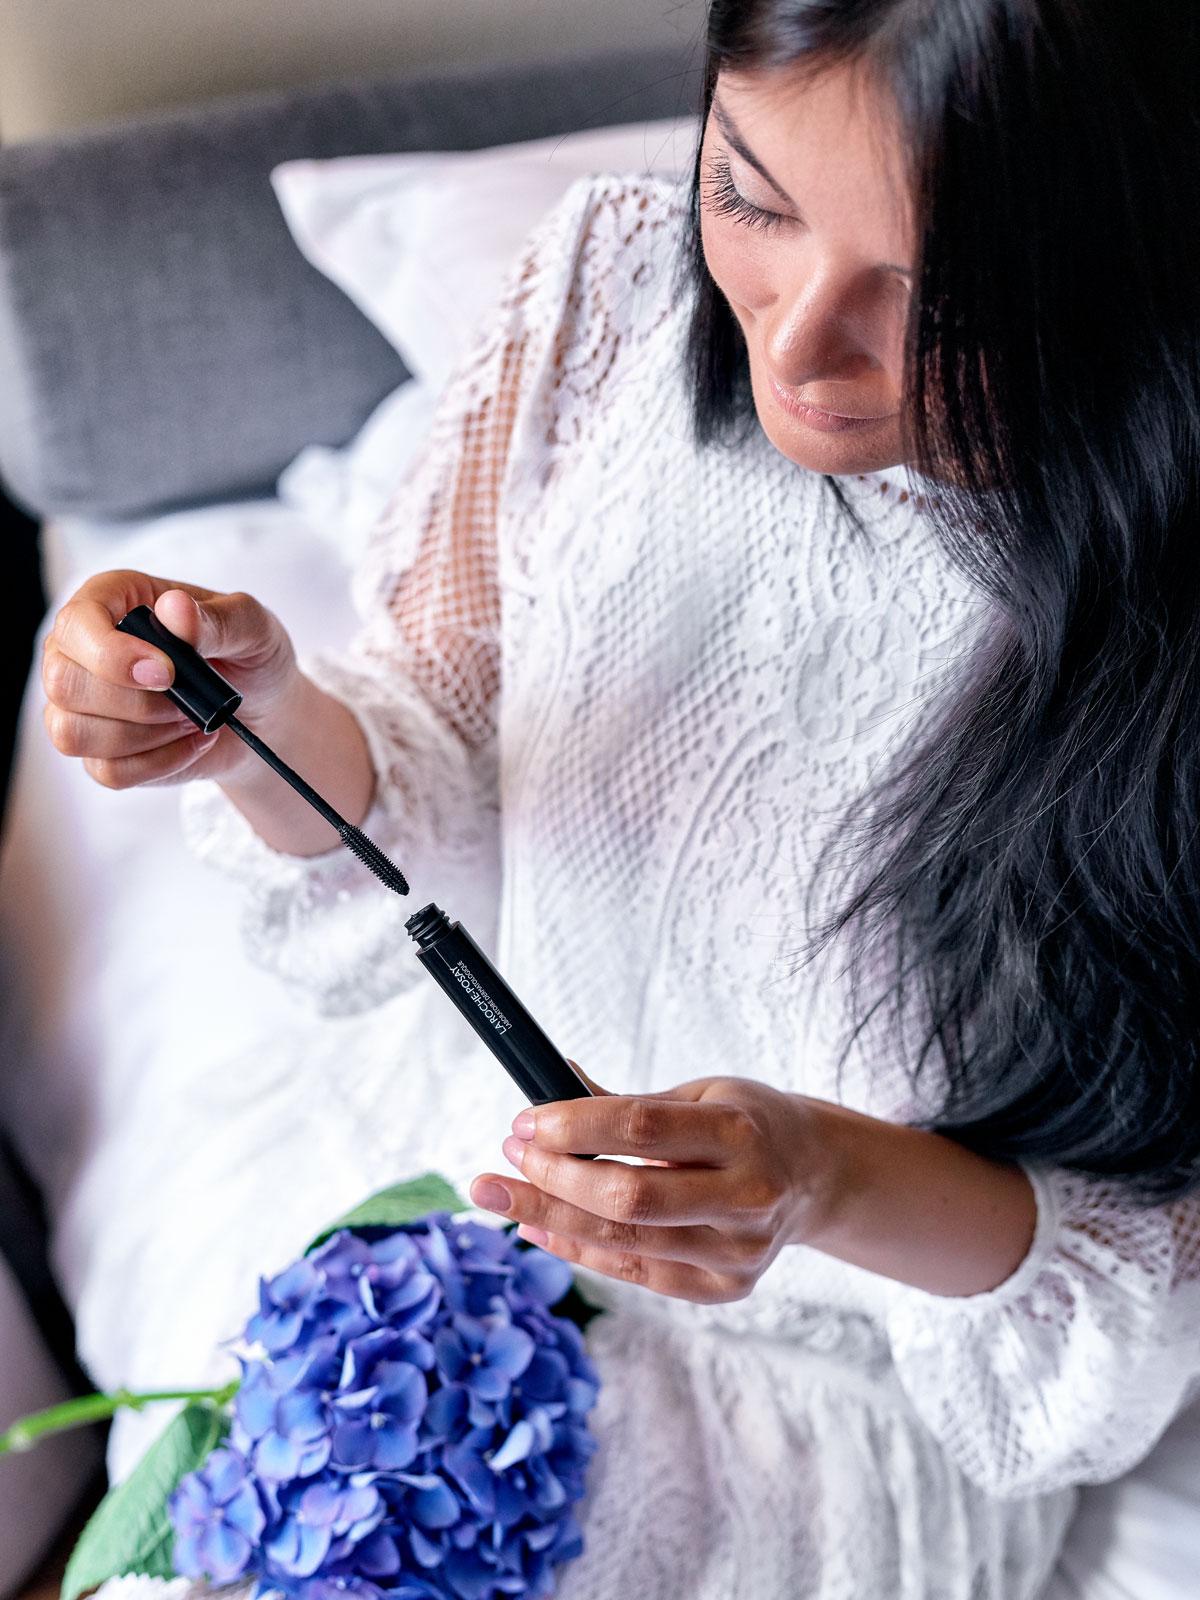 fashionambit-beautyblog-muenchen-fashionblog-munich-blogger-deutschland-fashionblogger-bloggerdeutschland-beauty-blog-modeblog-pflegeprodukte-la-roche-posay